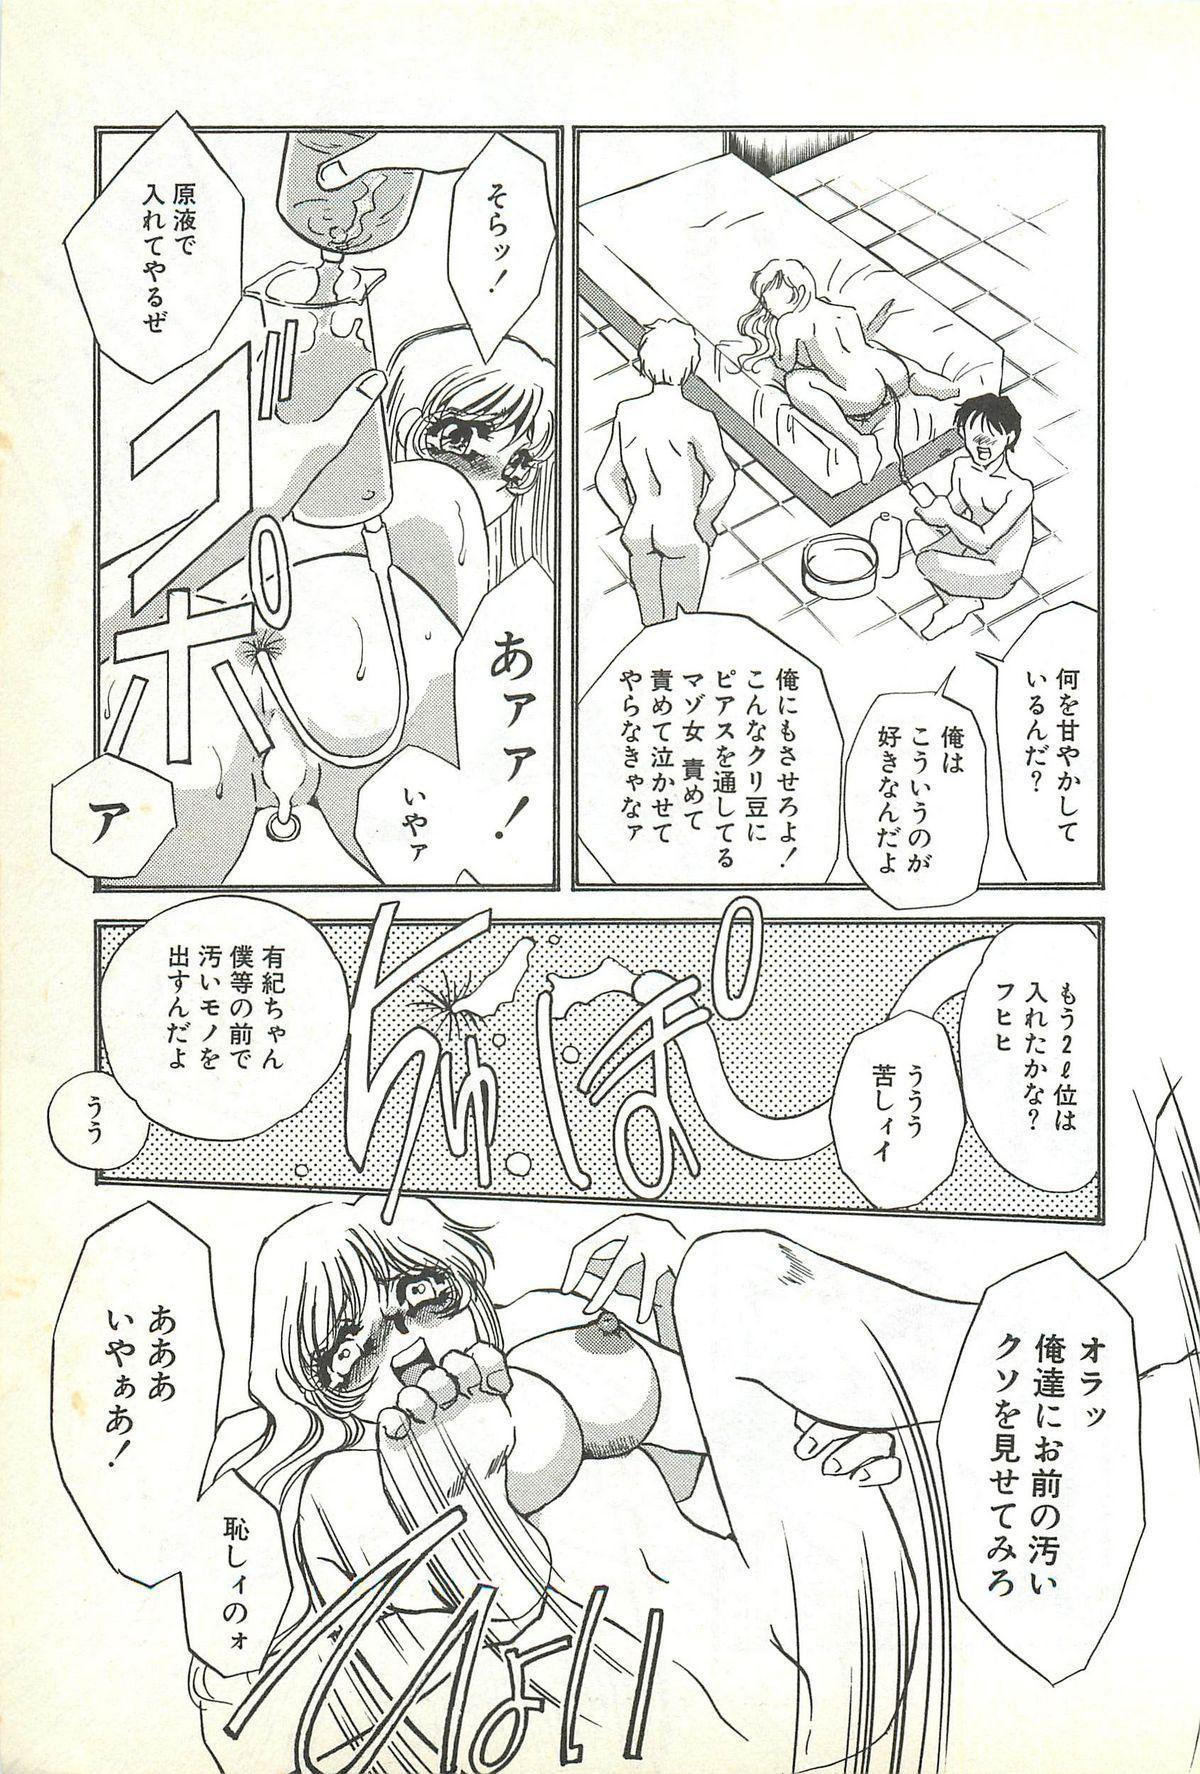 Chigyaku no Heya - A Shameful Punishment Room 106